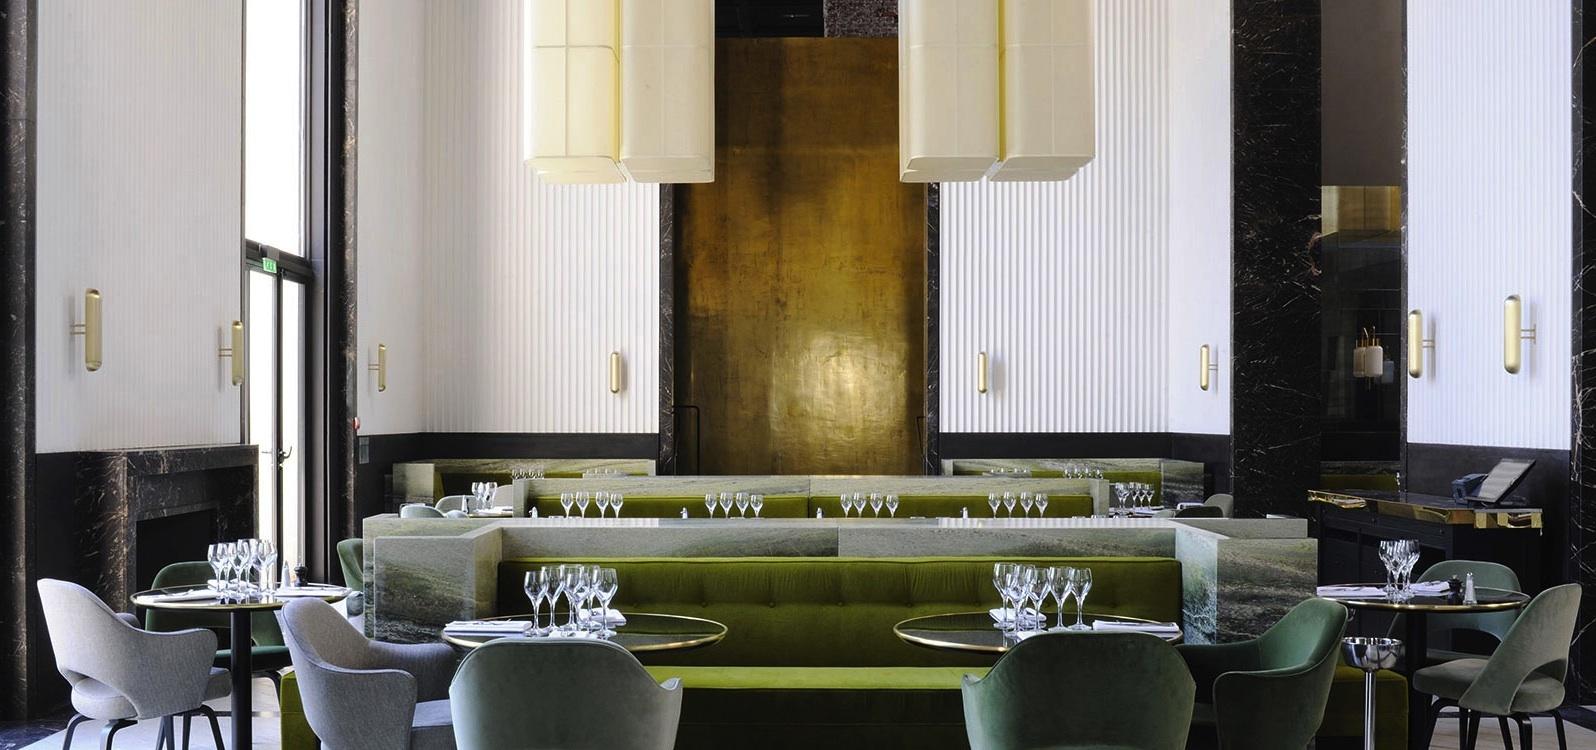 Restaurant Monsieur Bleu - Palais de Tokyo